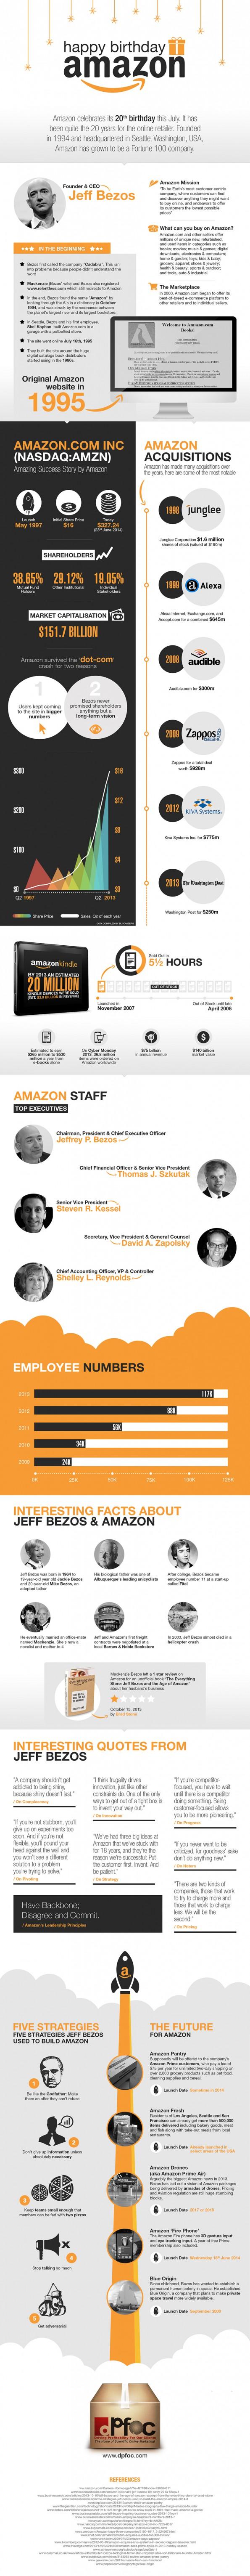 amazon 20 jahre infografik